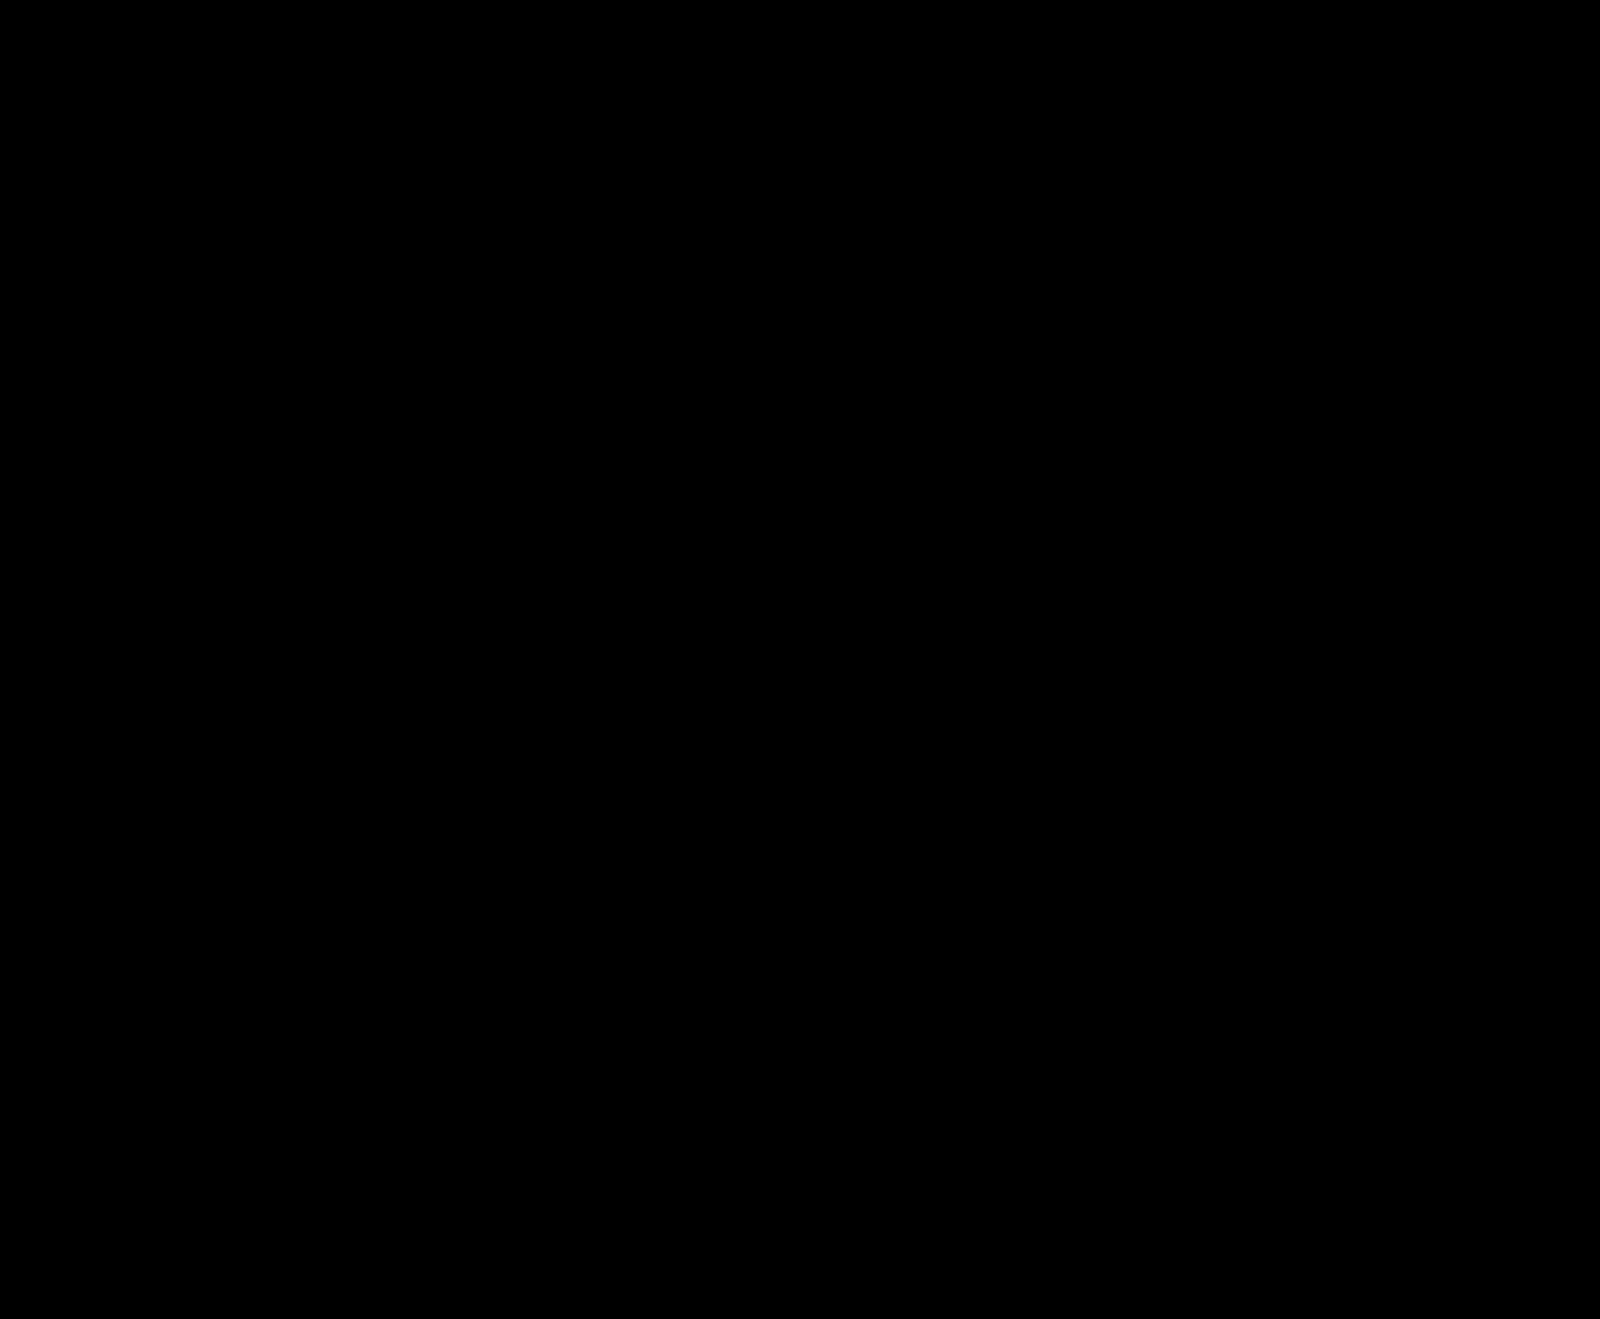 Bertel Thorvaldsen Relief